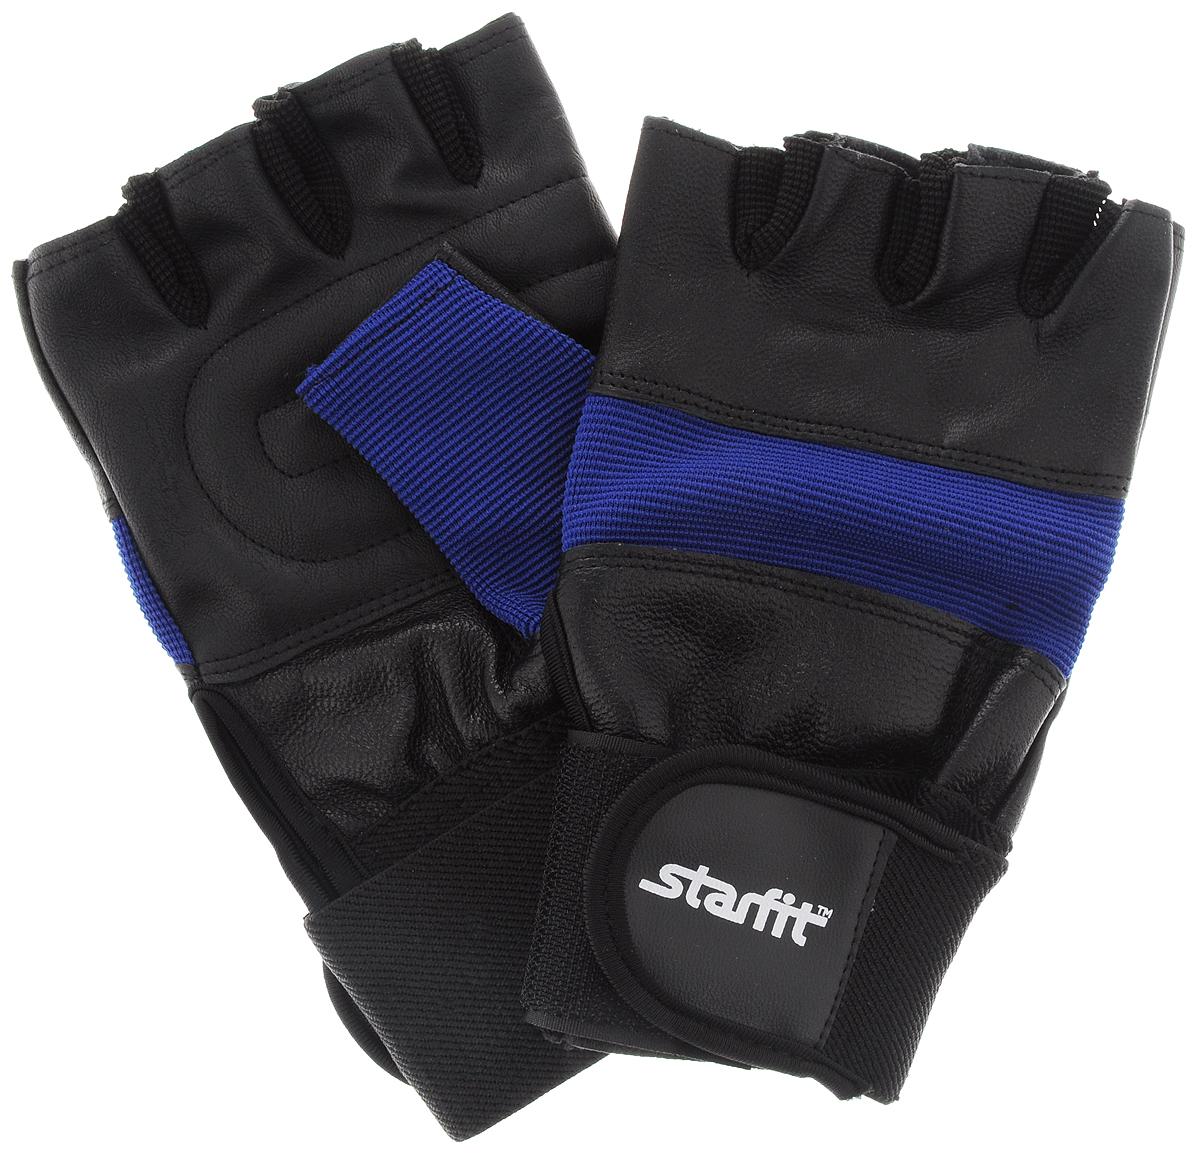 Перчатки атлетические Starfit SU-109, цвет: синий, черный. Размер SУТ-00008328Атлетические перчатки Star Fit SU-109 - это модель с поддержкой запястья. Они необходимы для безопасной тренировки со снарядами (грифы, гантели), во время подтягиваний и отжиманий. Перчатки минимизируют риск мозолей и ссадин на ладонях. Перчатки выполнены из нейлона, искусственной кожи, полиэстера и эластана. В рабочей части имеется вставка из тонкого поролона, обеспечивающего комфорт при тренировках.Размер перчатки (без учета большого пальца): 17,7 х 9,5 см.